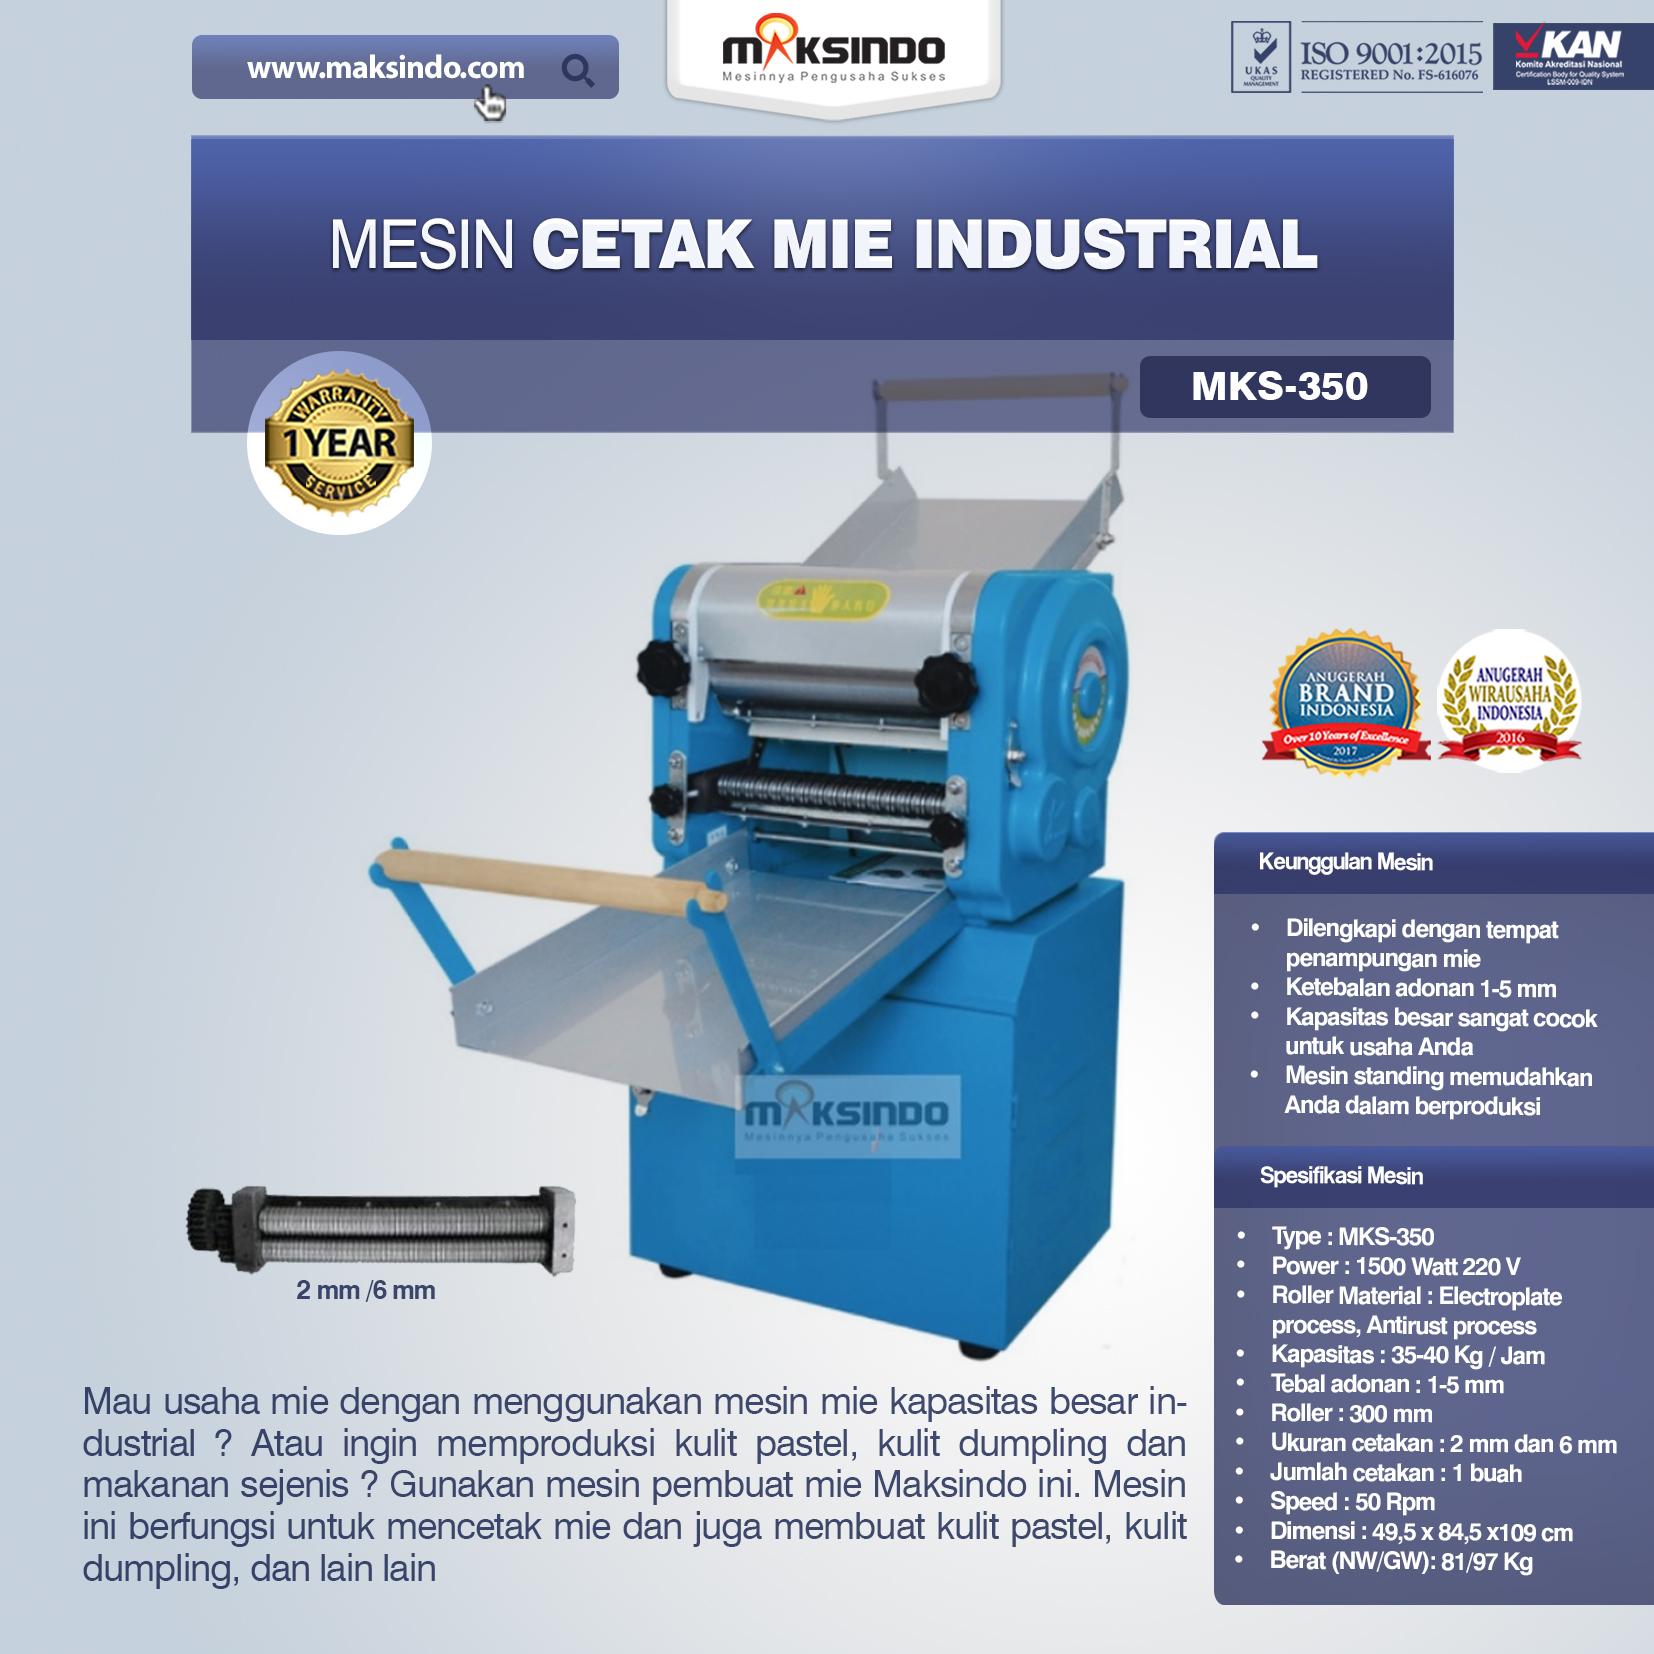 Jual Mesin Cetak Mie Industrial (MKS-350) di Bekasi